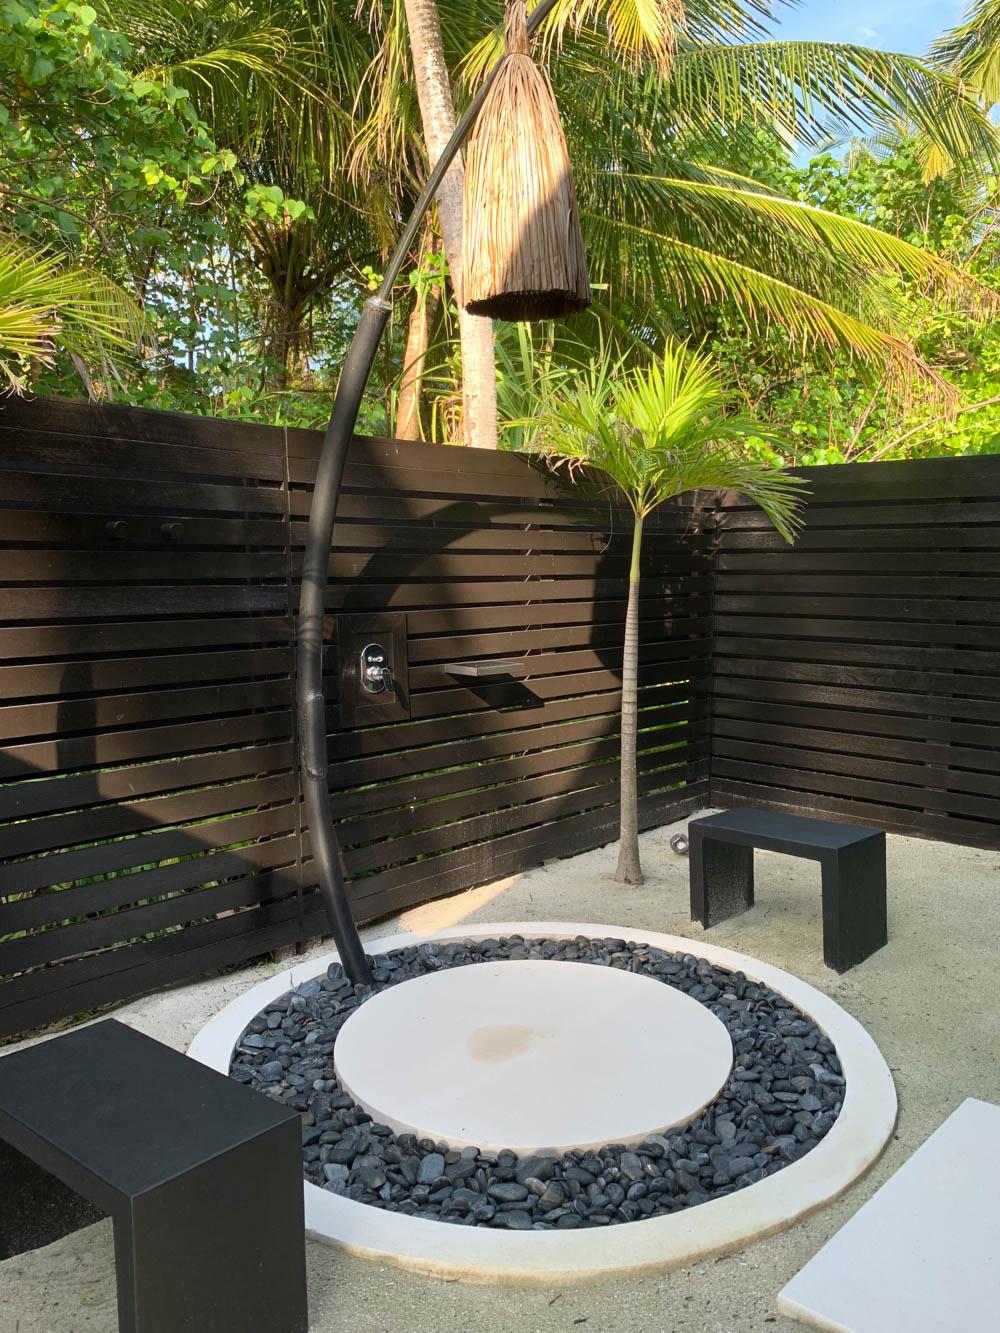 Maldives_Resort_Honeymoon_OneandOnly_MaldivesTravelAdvisor-10.jpg